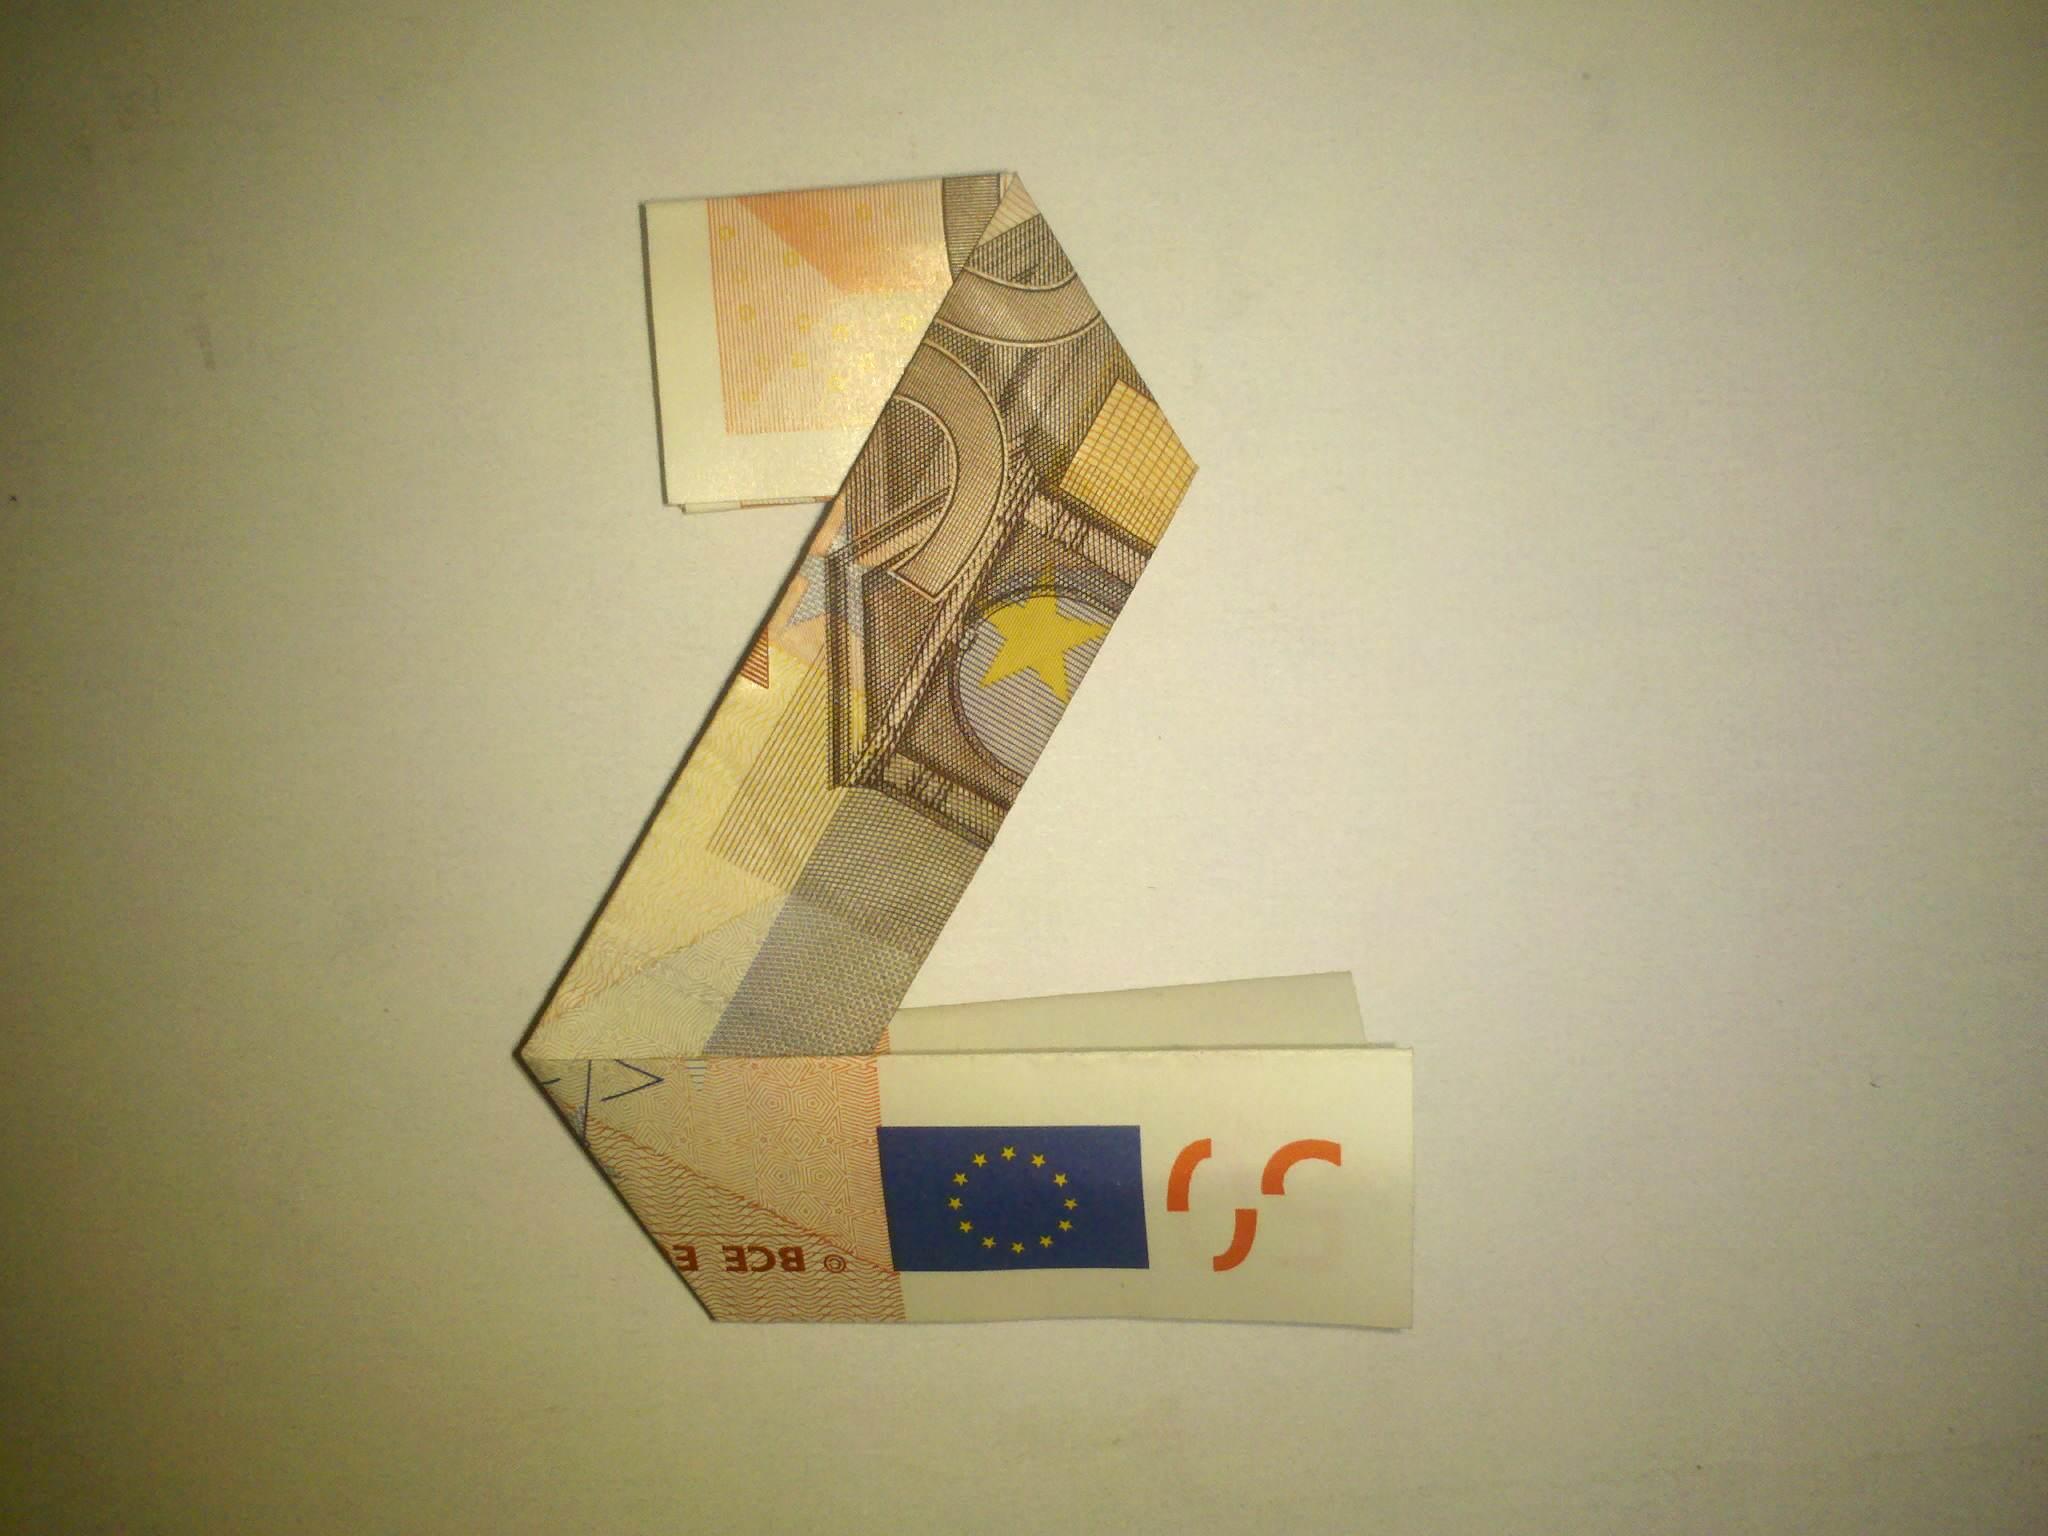 Zahl 2 aus einem Geldschein falten